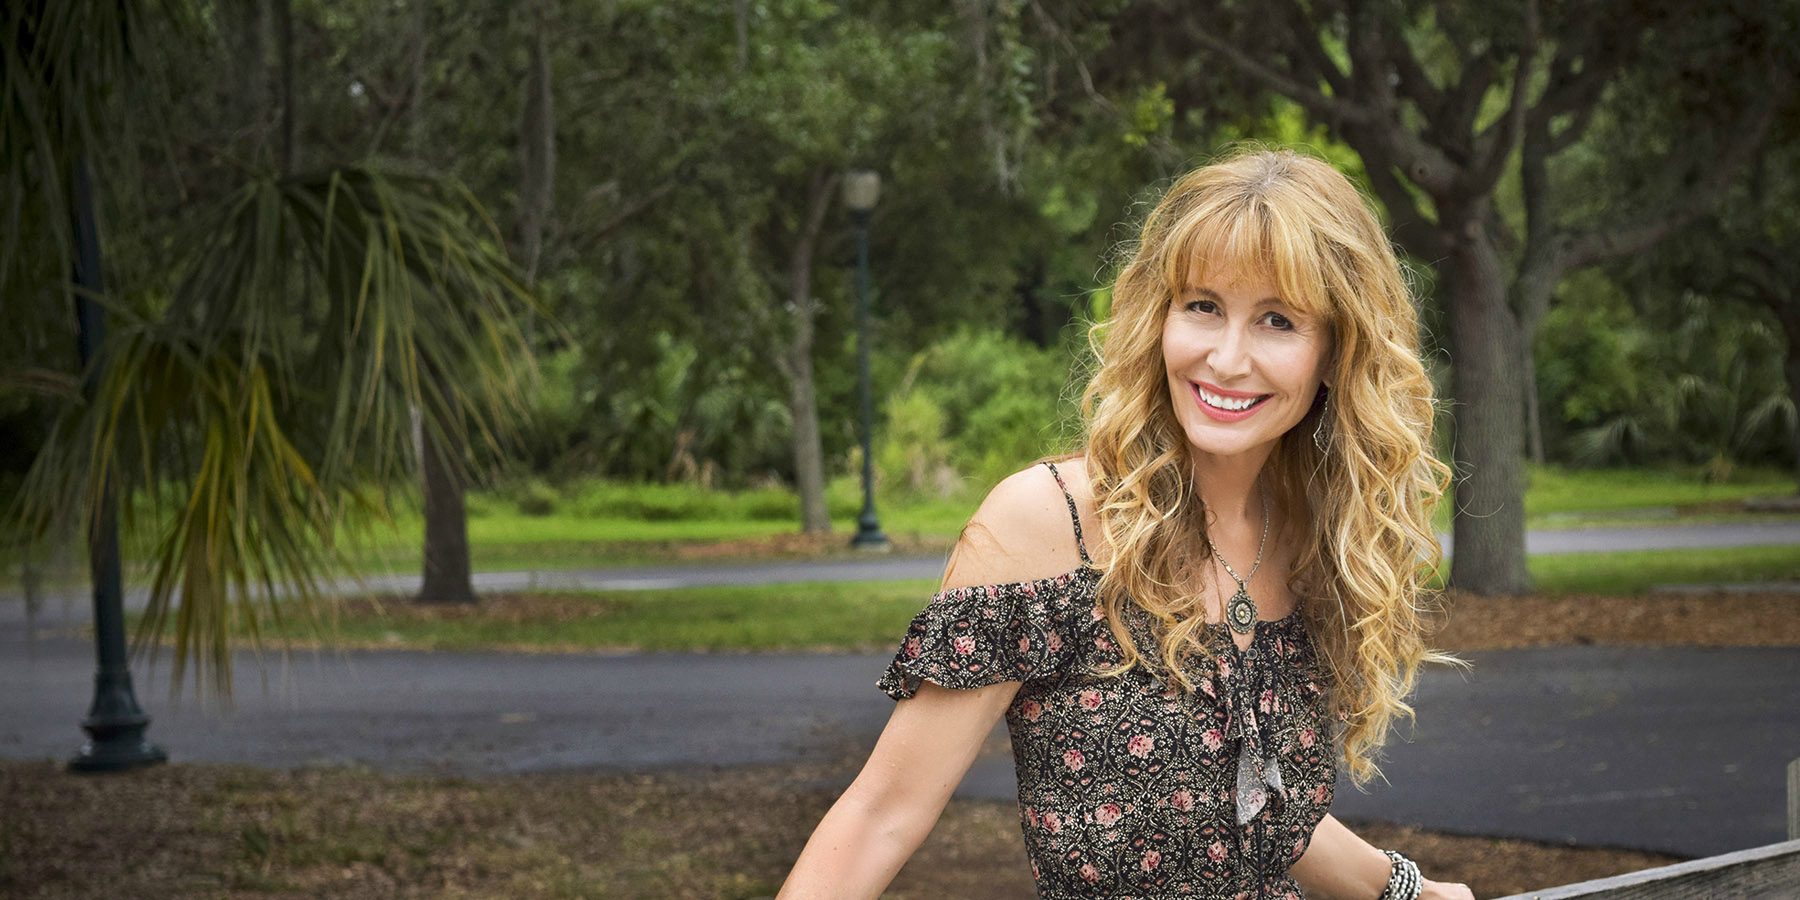 Lorraine C. Ladish